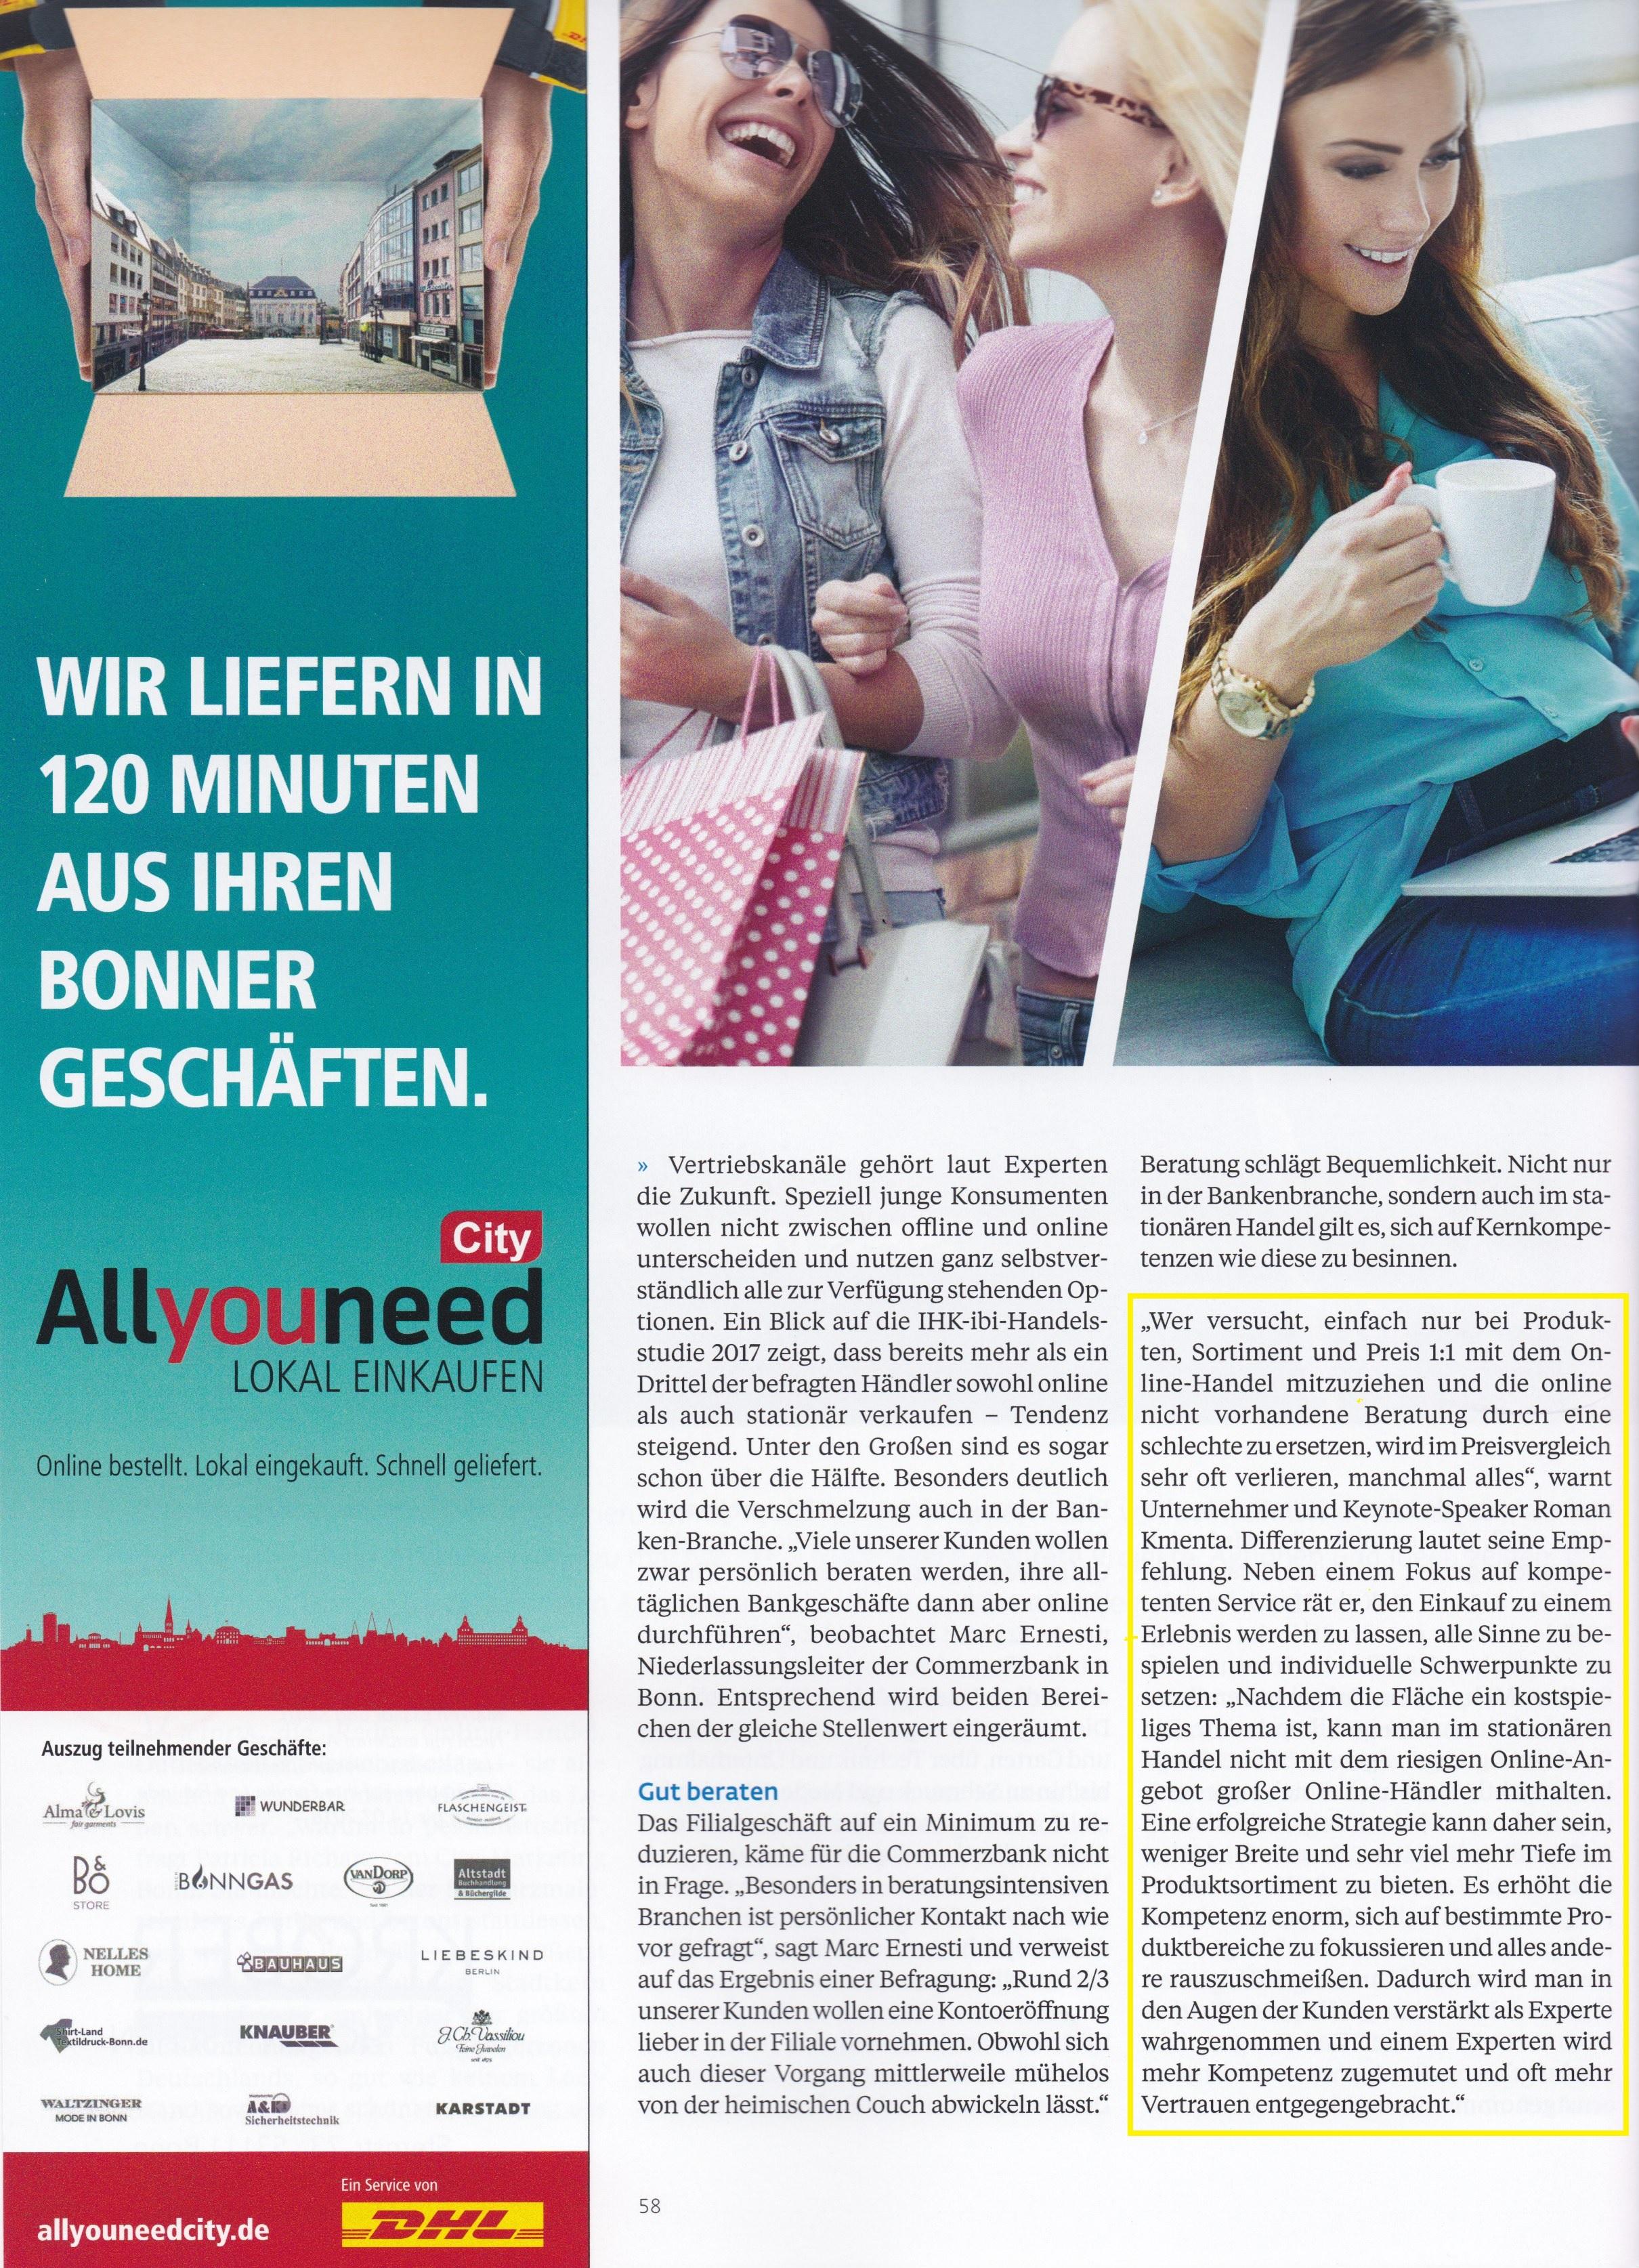 Top Magazin Bonn 3 - Differenzierung, USP, Wertsteigerung - Roman Kmenta - Keynote Speaker und Autor